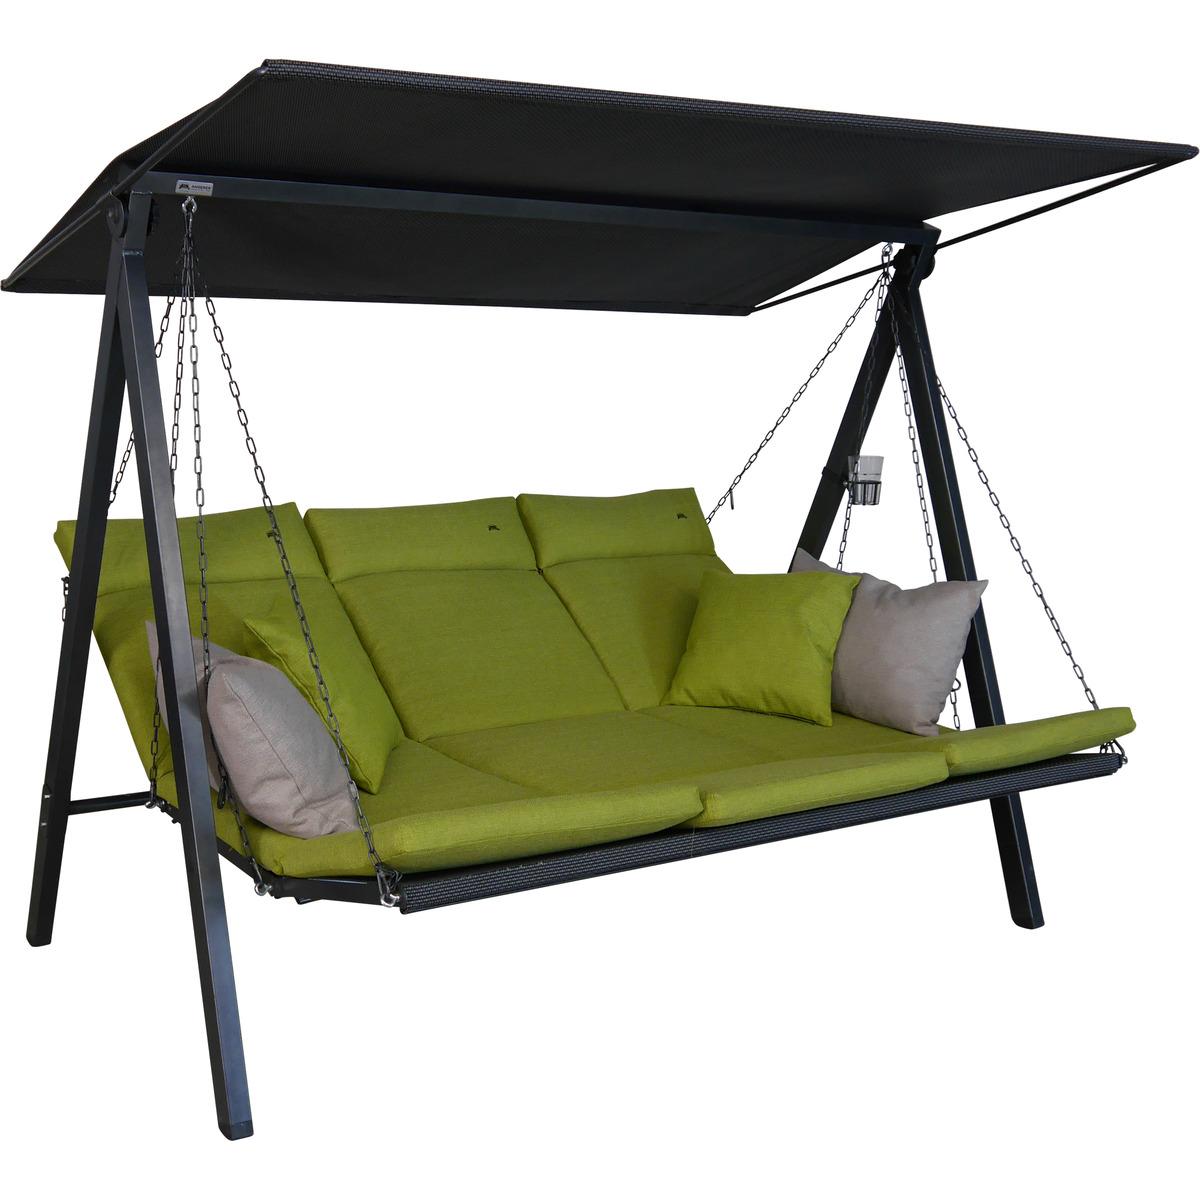 Bild 1 von Angerer Freizeitmöbel Hollywoodschaukel 'Lounge Smart' 3-Sitzer lime